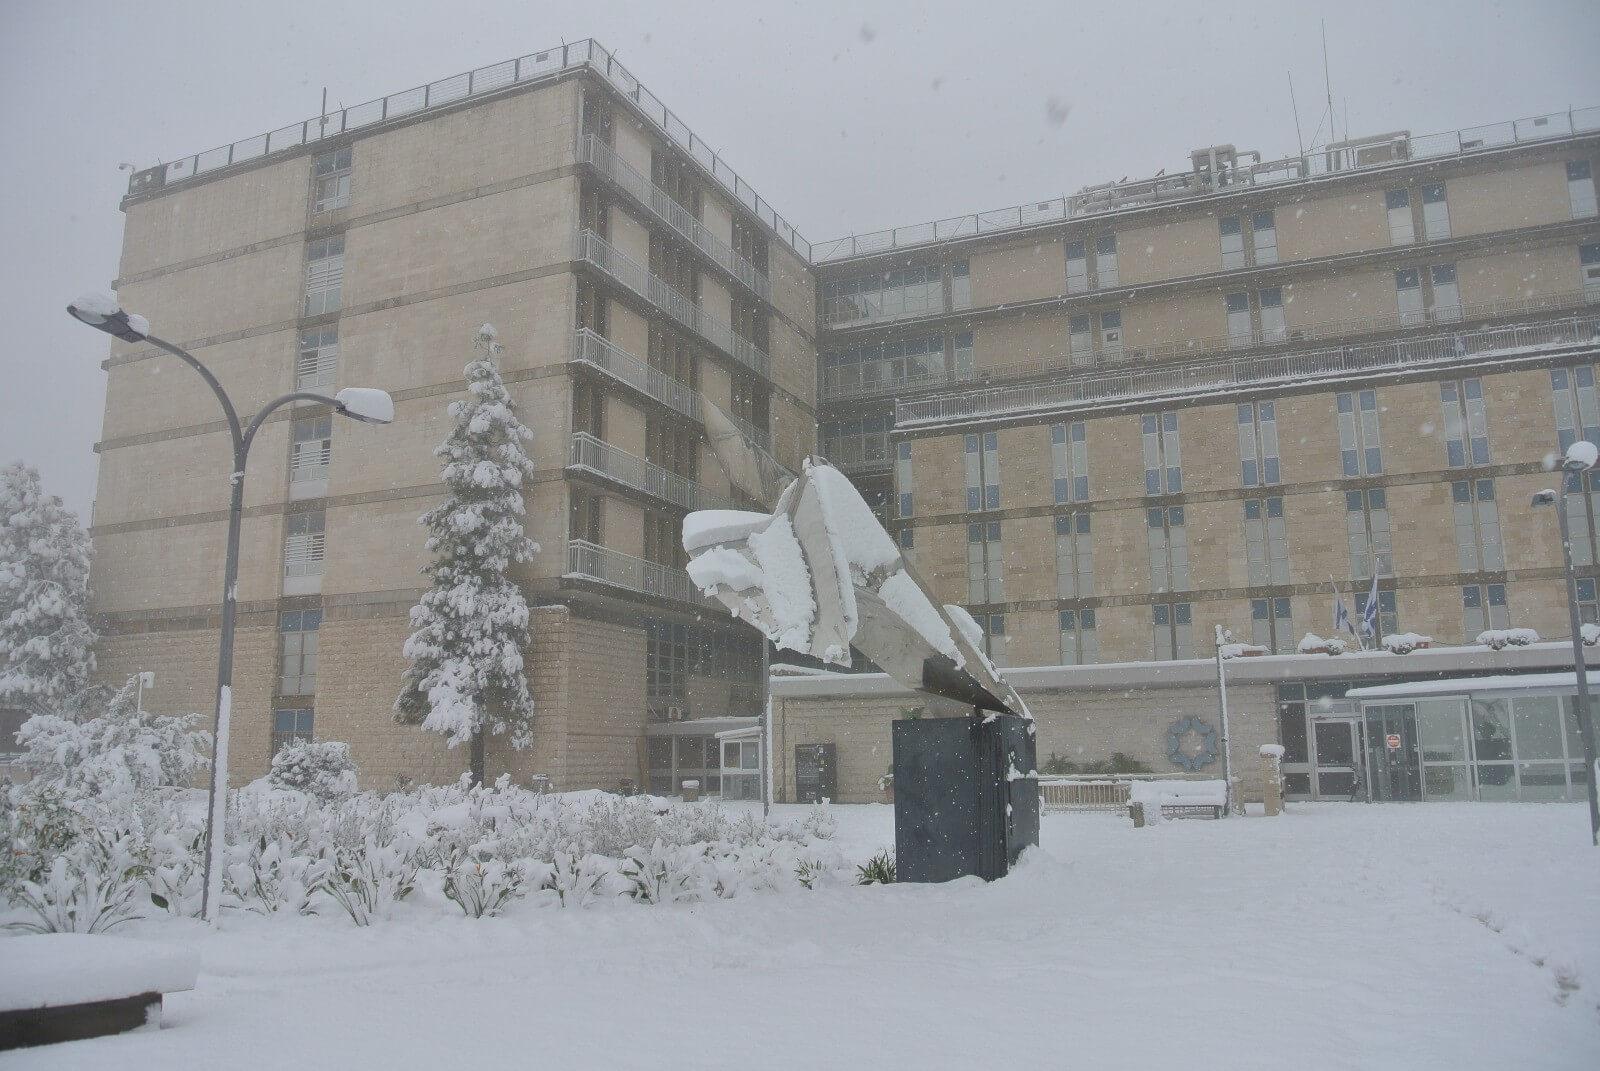 בית החולים בירושלים בסופת השלג לאחרונה צילום: שערי צדק